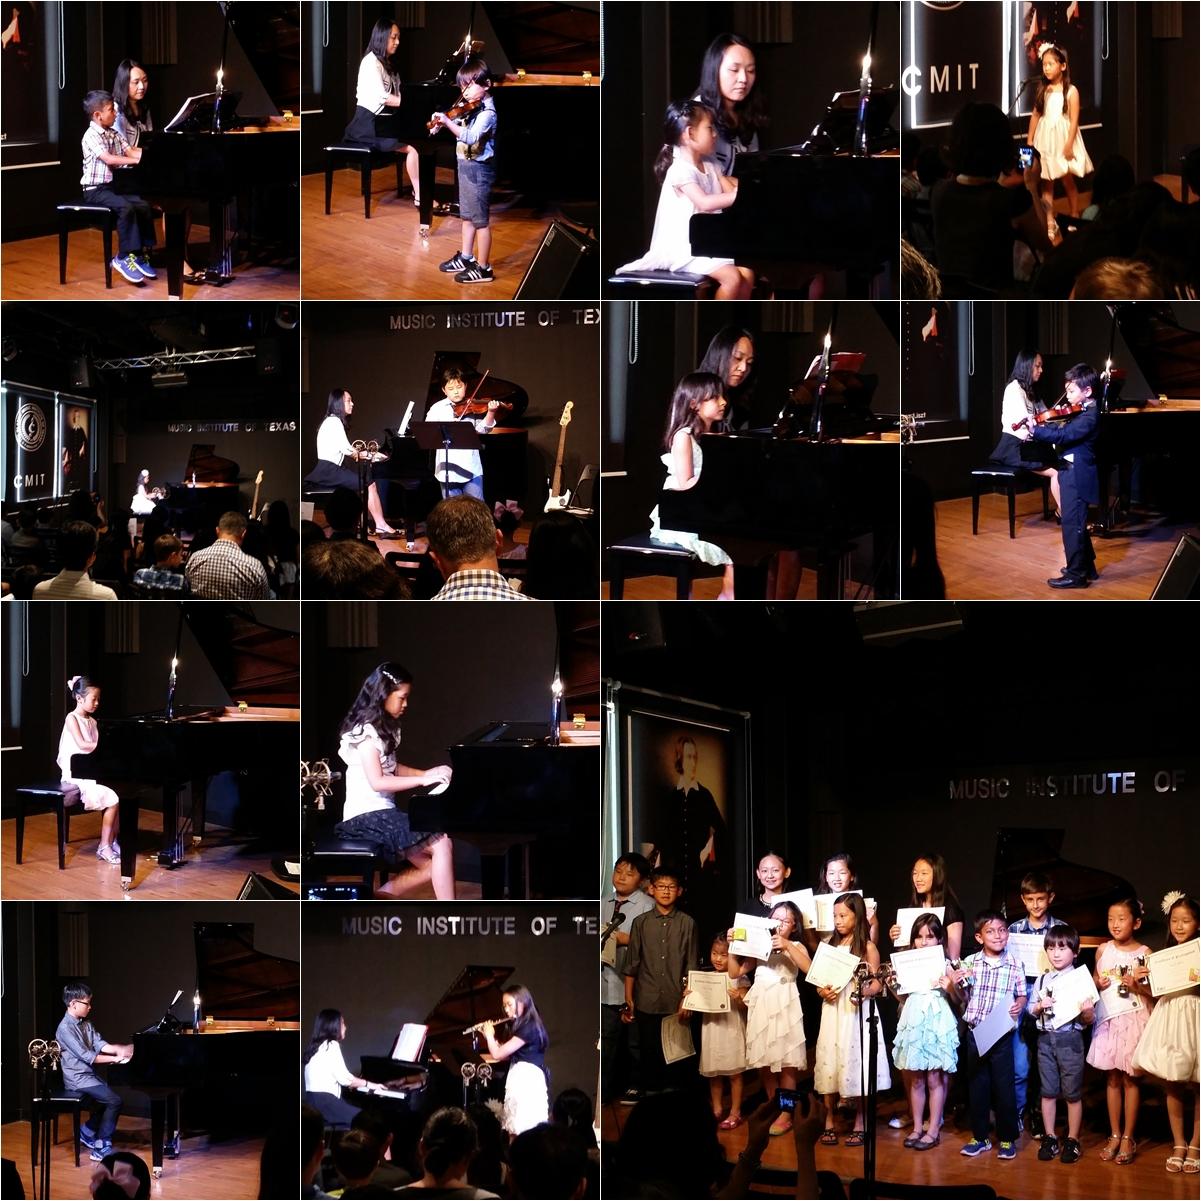 2015 CMIT Student's Summer Recital 02.jpg